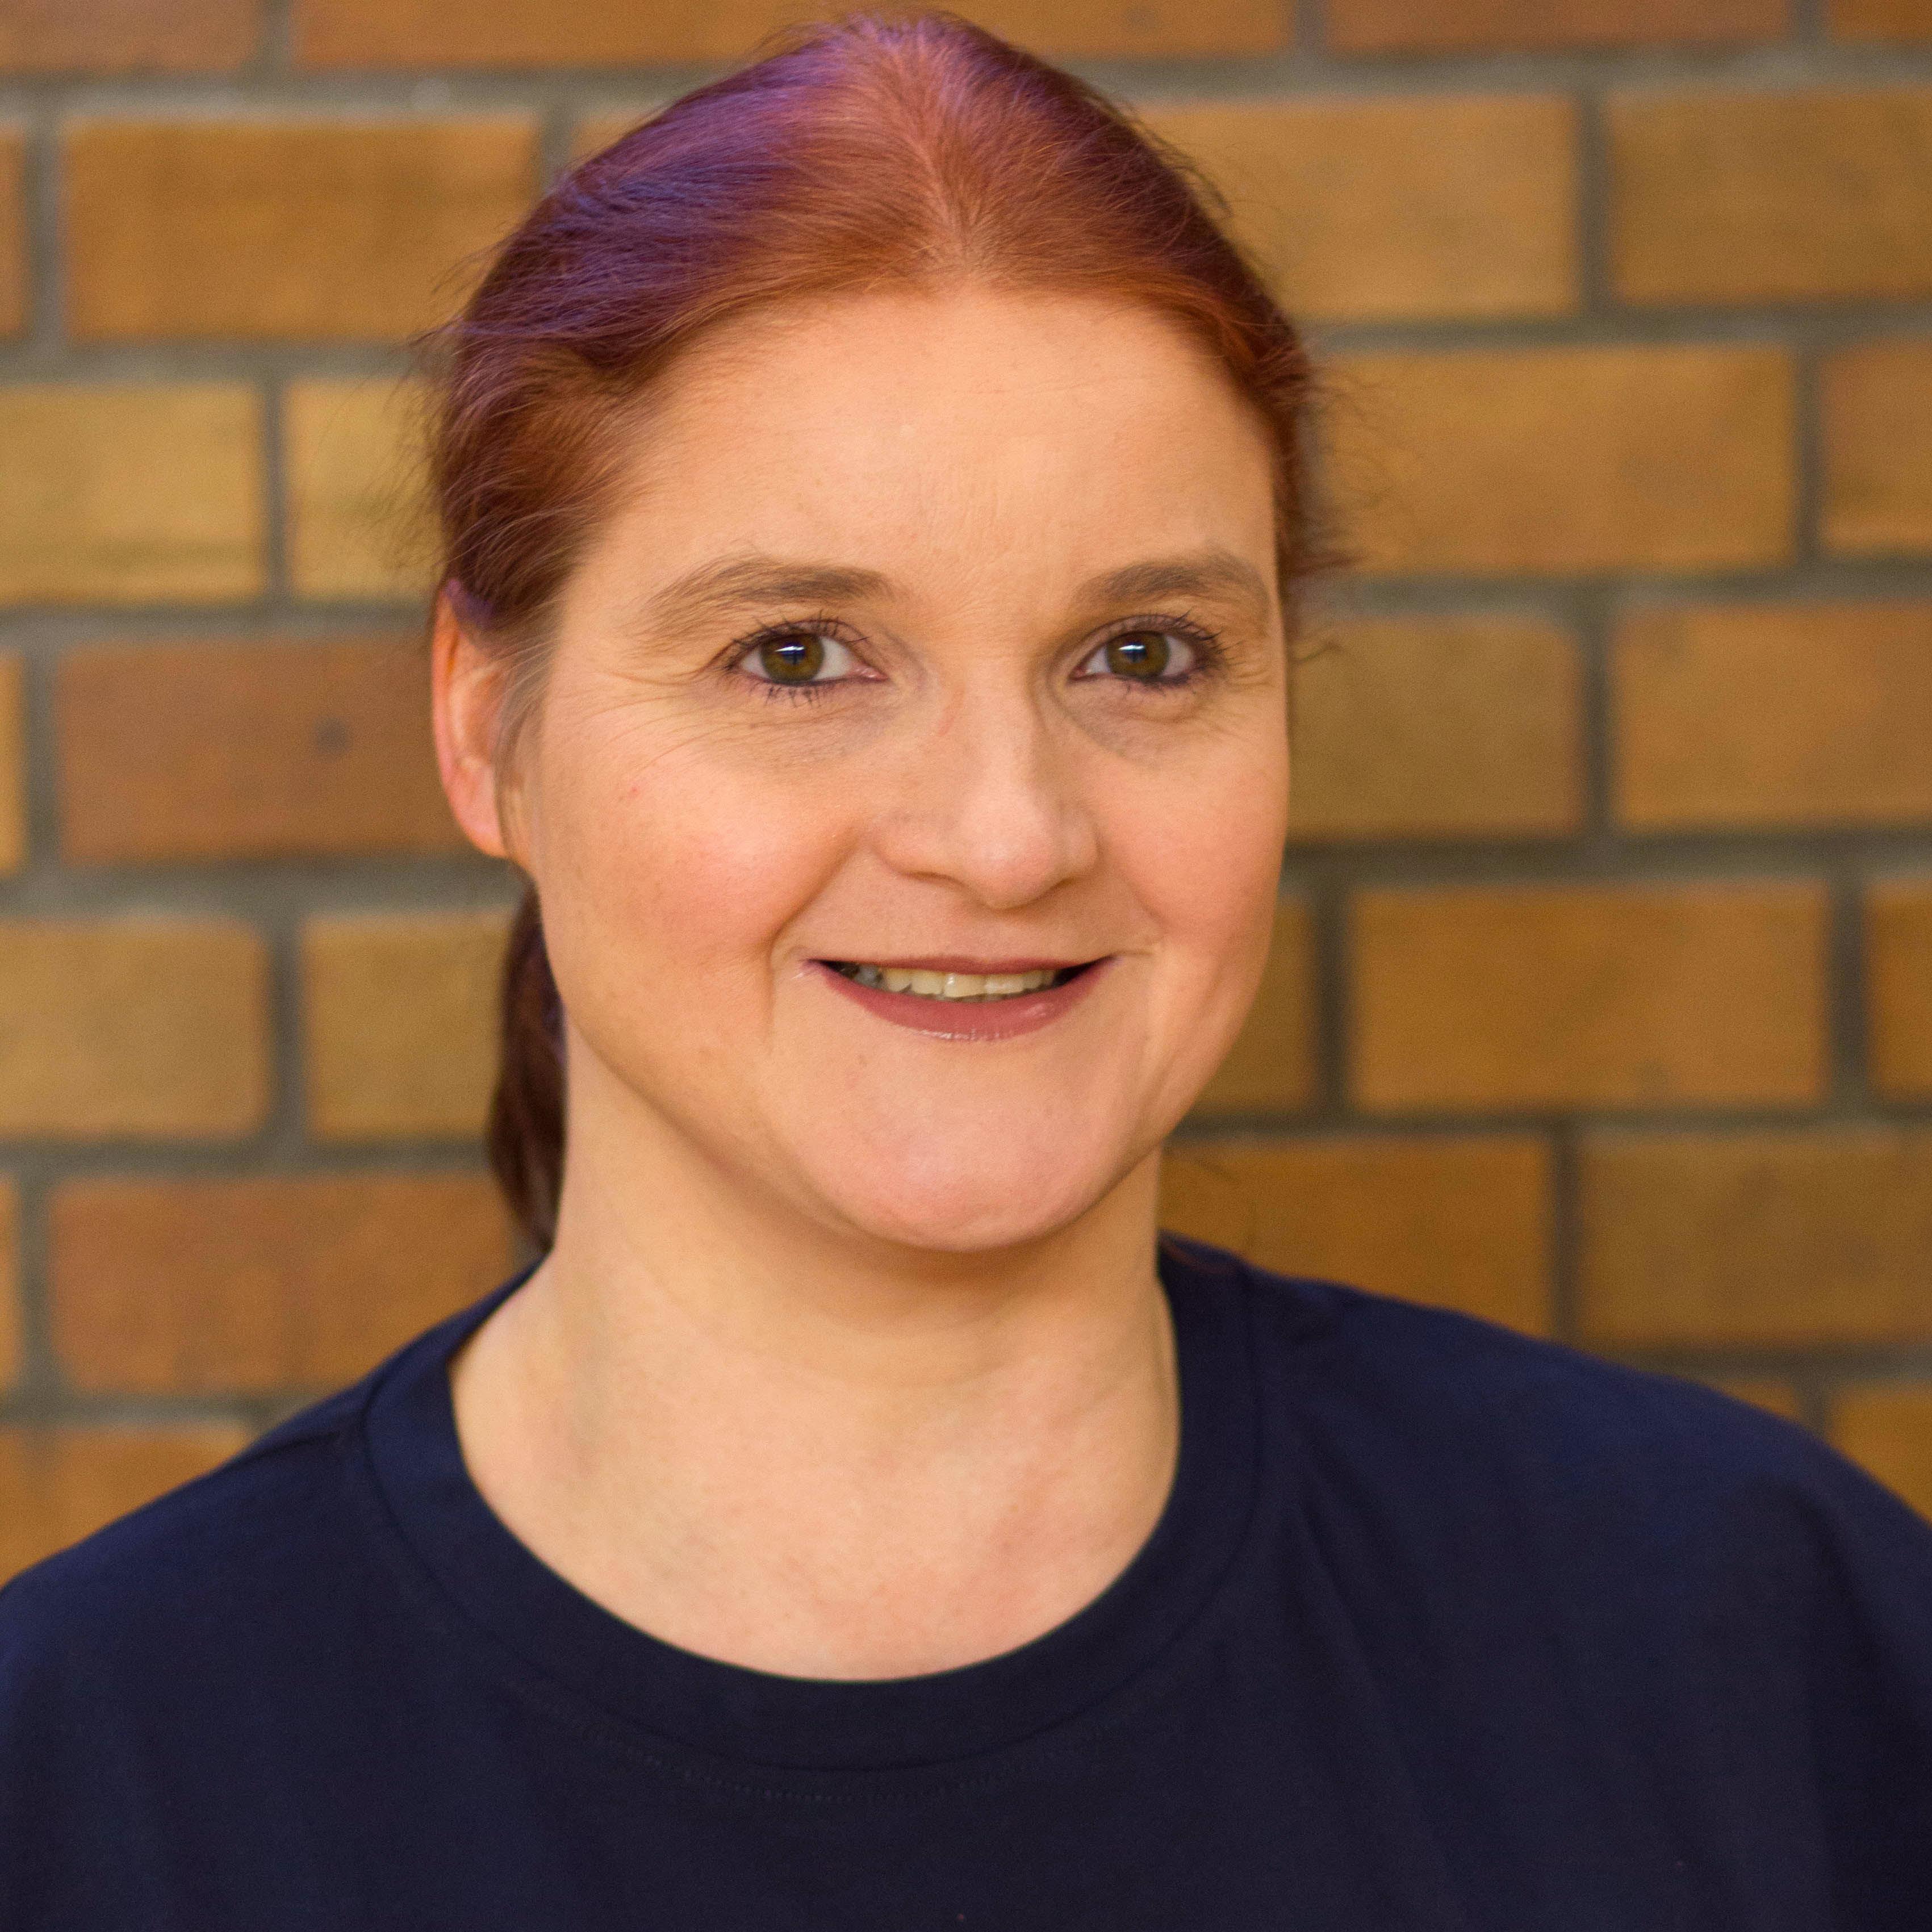 Beirat und Sponsoring Raphaela Steidle